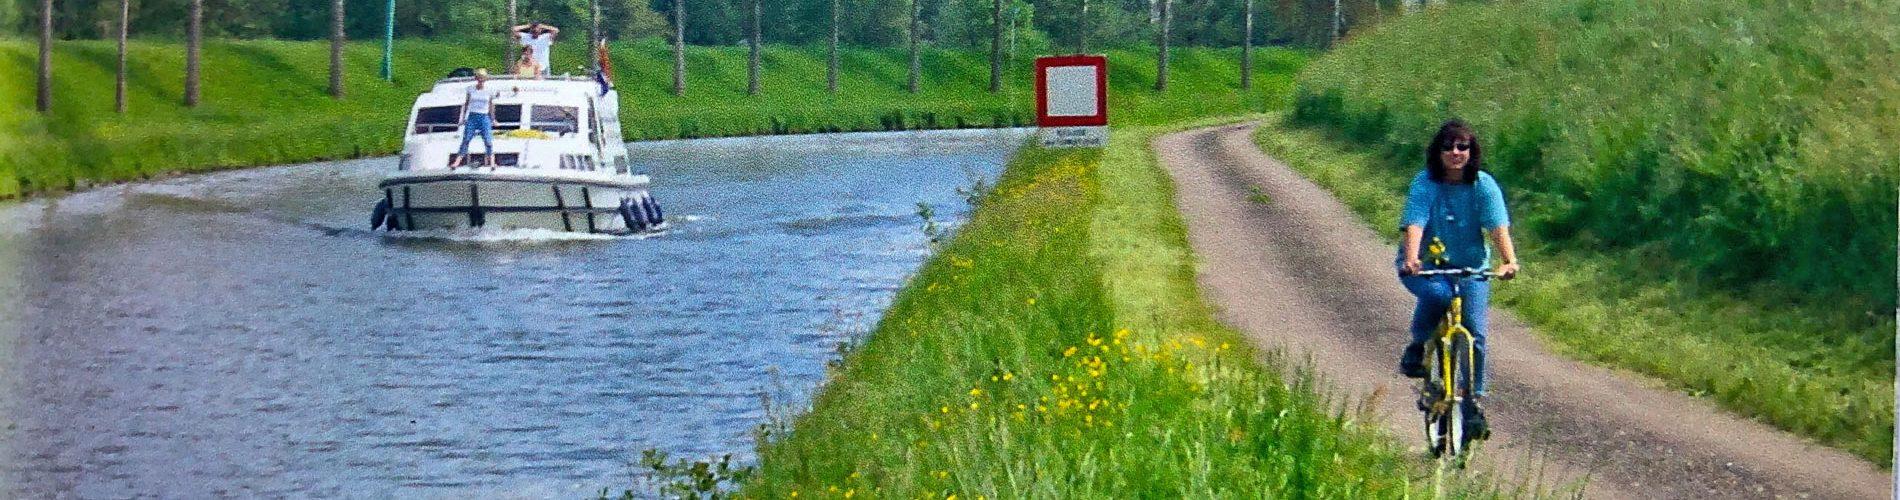 Barge-bike-header